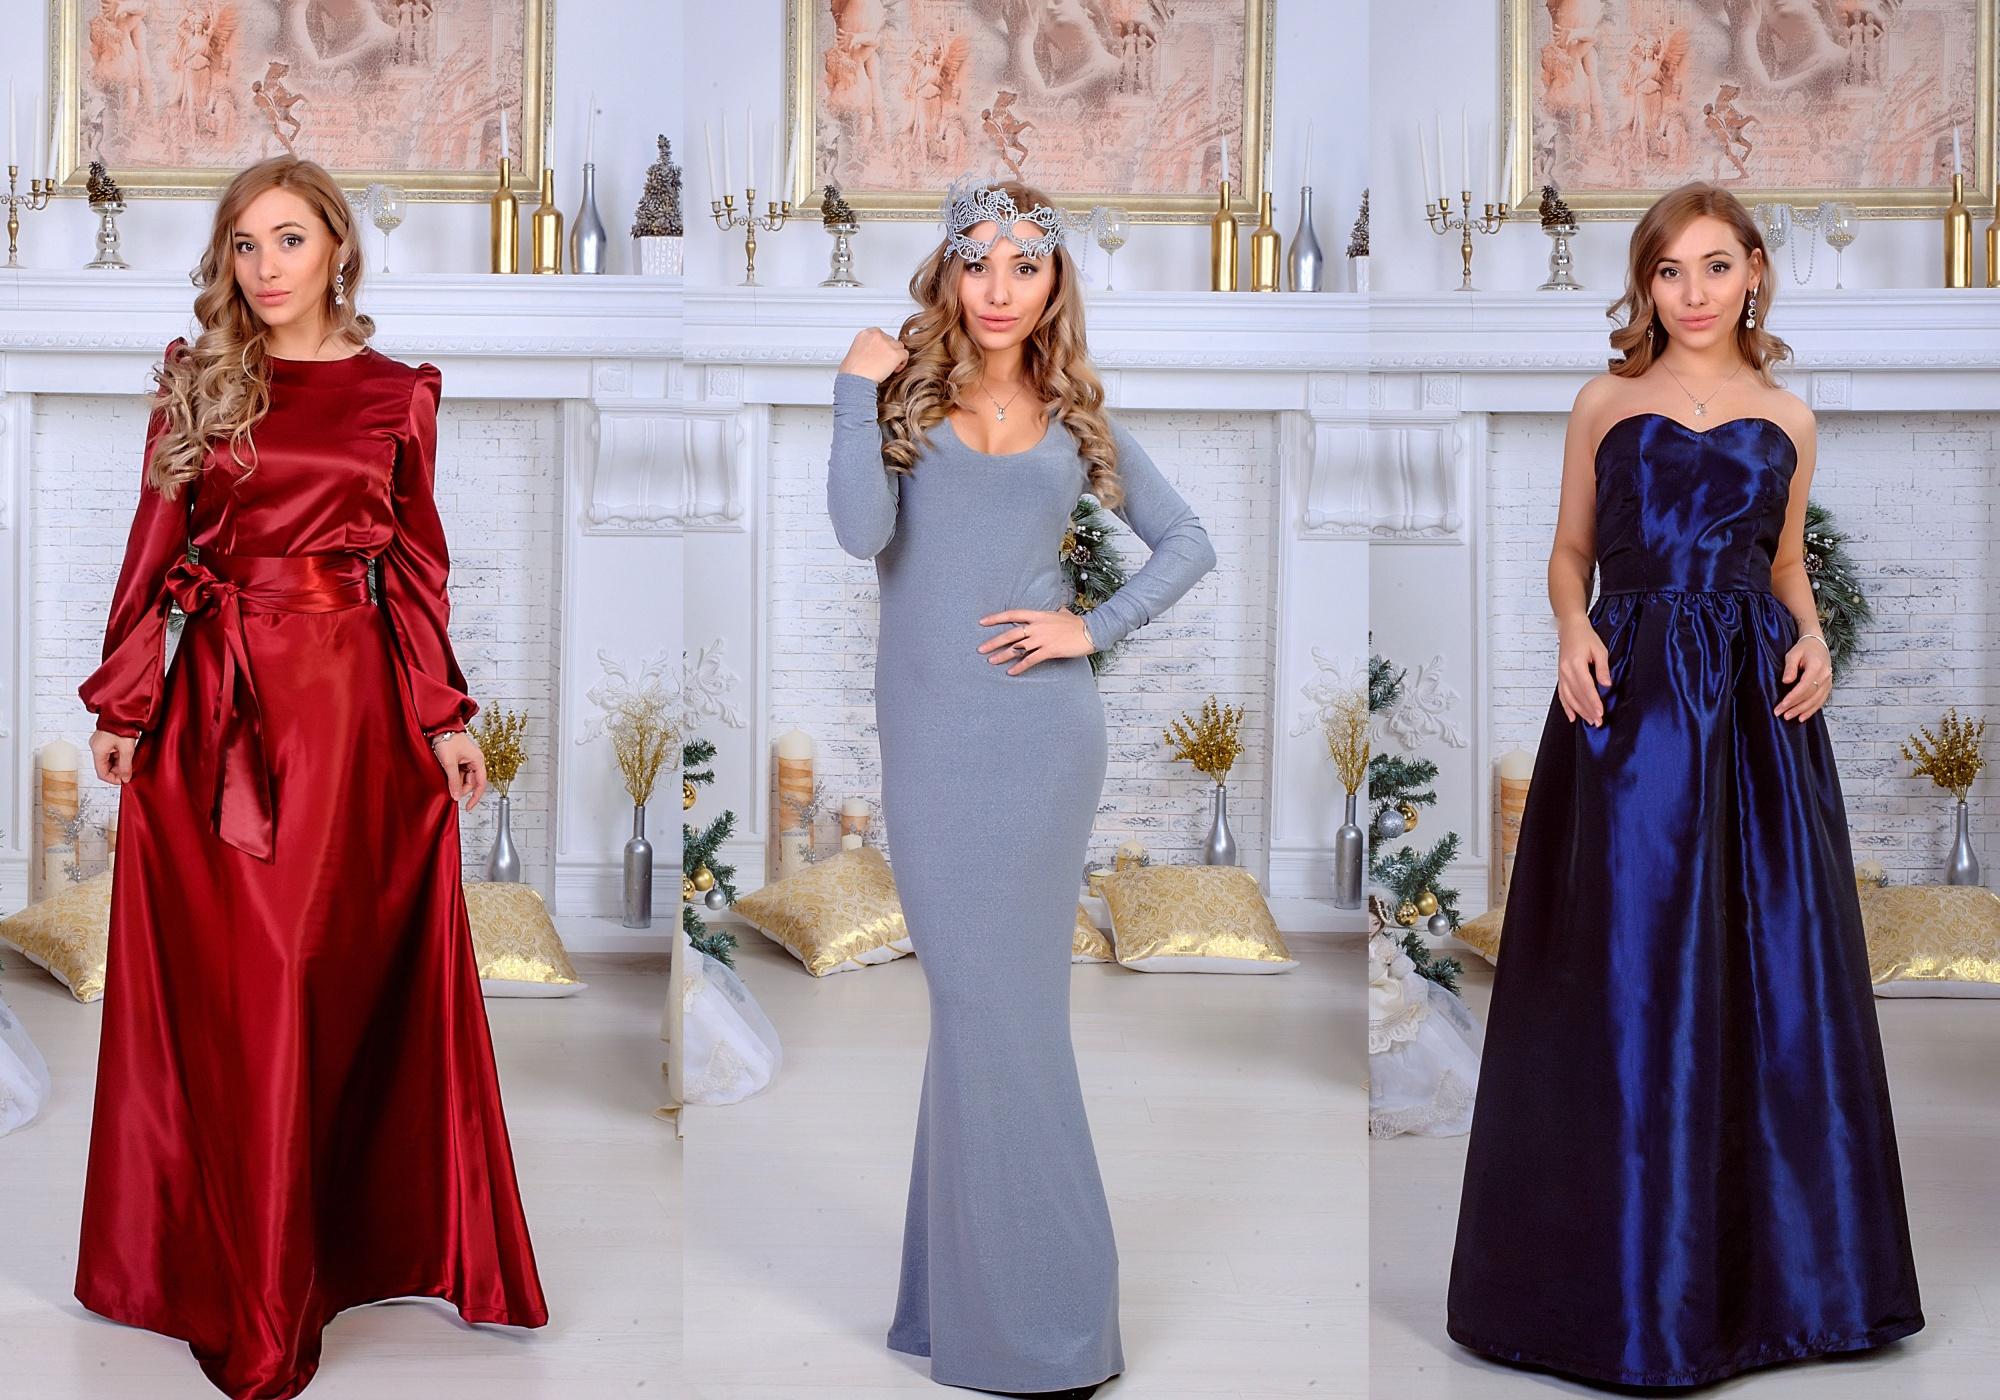 Даже обладательницы нестандартной фигуры могут подобрать для себя весьма элегантное платье